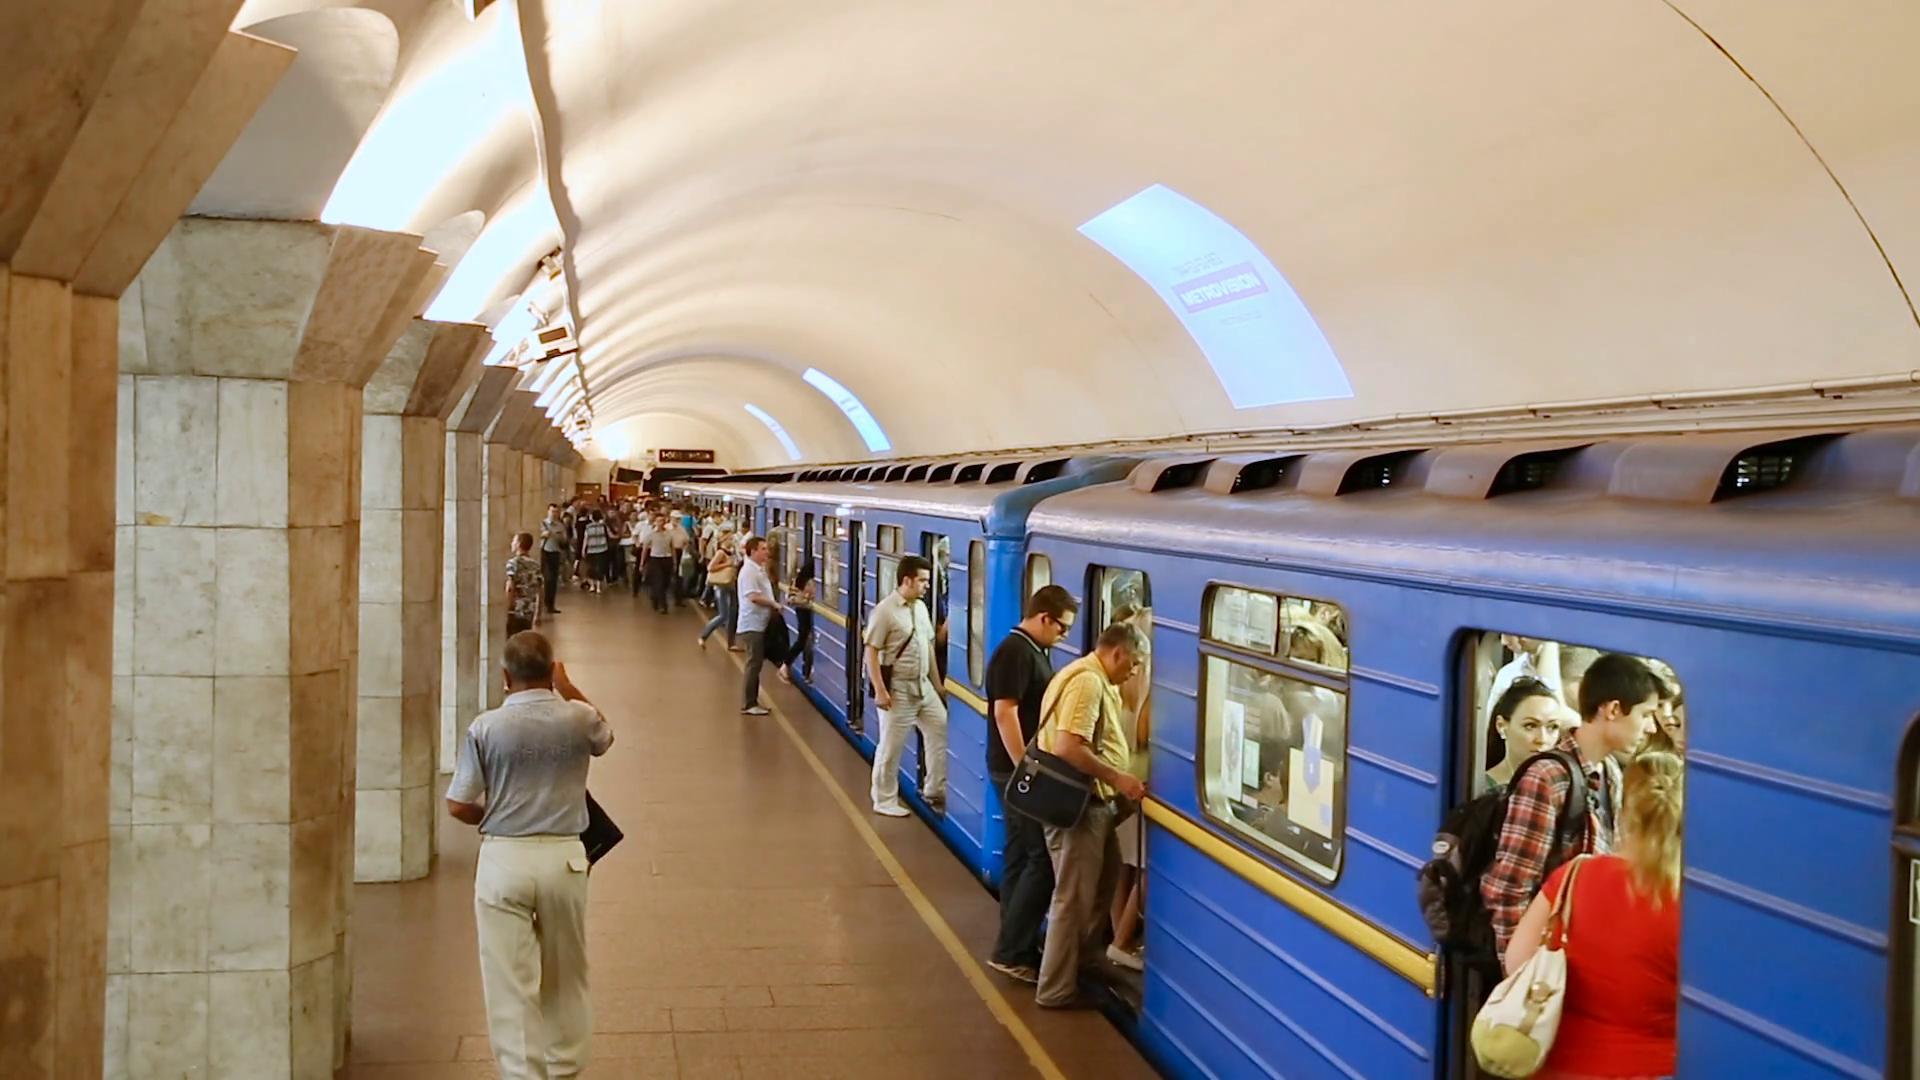 Бійка між чоловіками заважала руху поїздів метро (відео) -  - kiev ukraine june 25 2015 arrival subway train station maydan nezalezhnosti embarking passengers in the subway kiev peron metro station kiev metro h8gbeklxg thumbnail full13